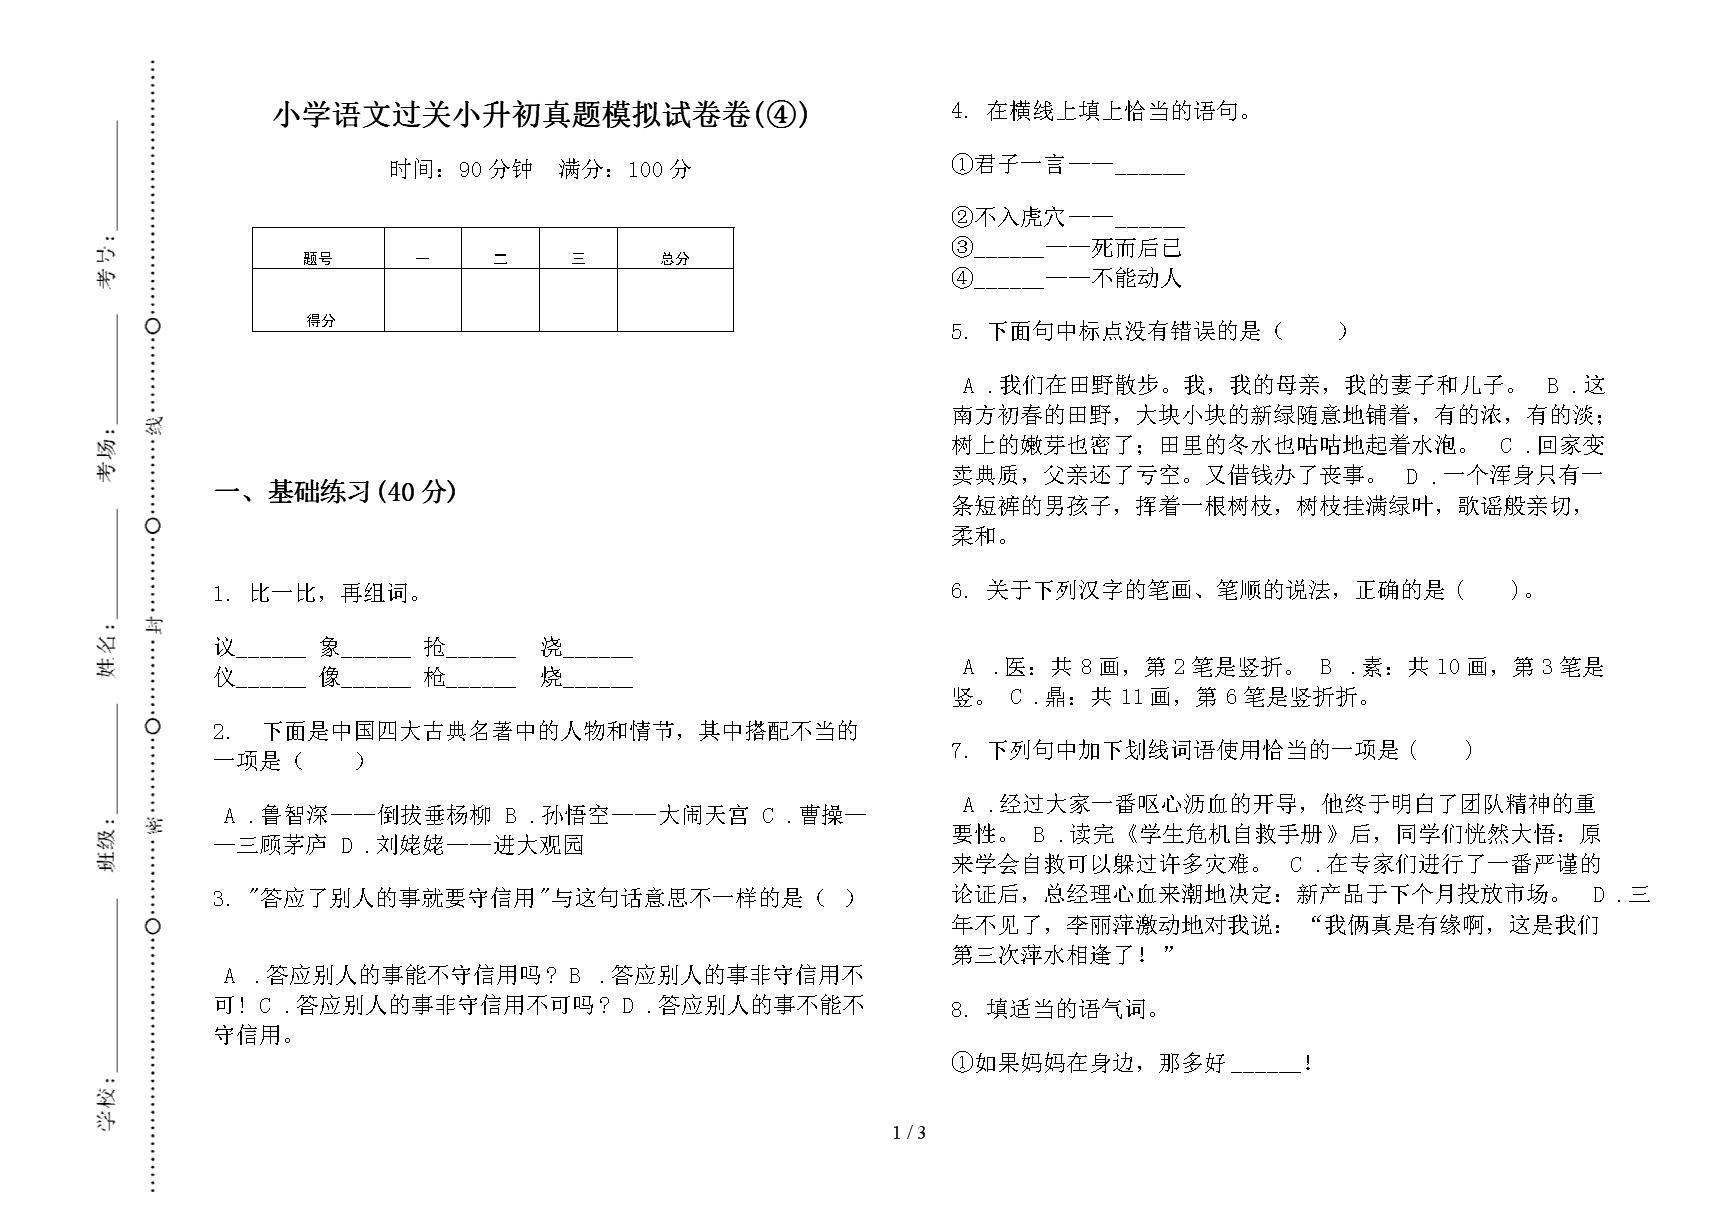 小学语文过关小升初真题模拟试卷卷(④).docx